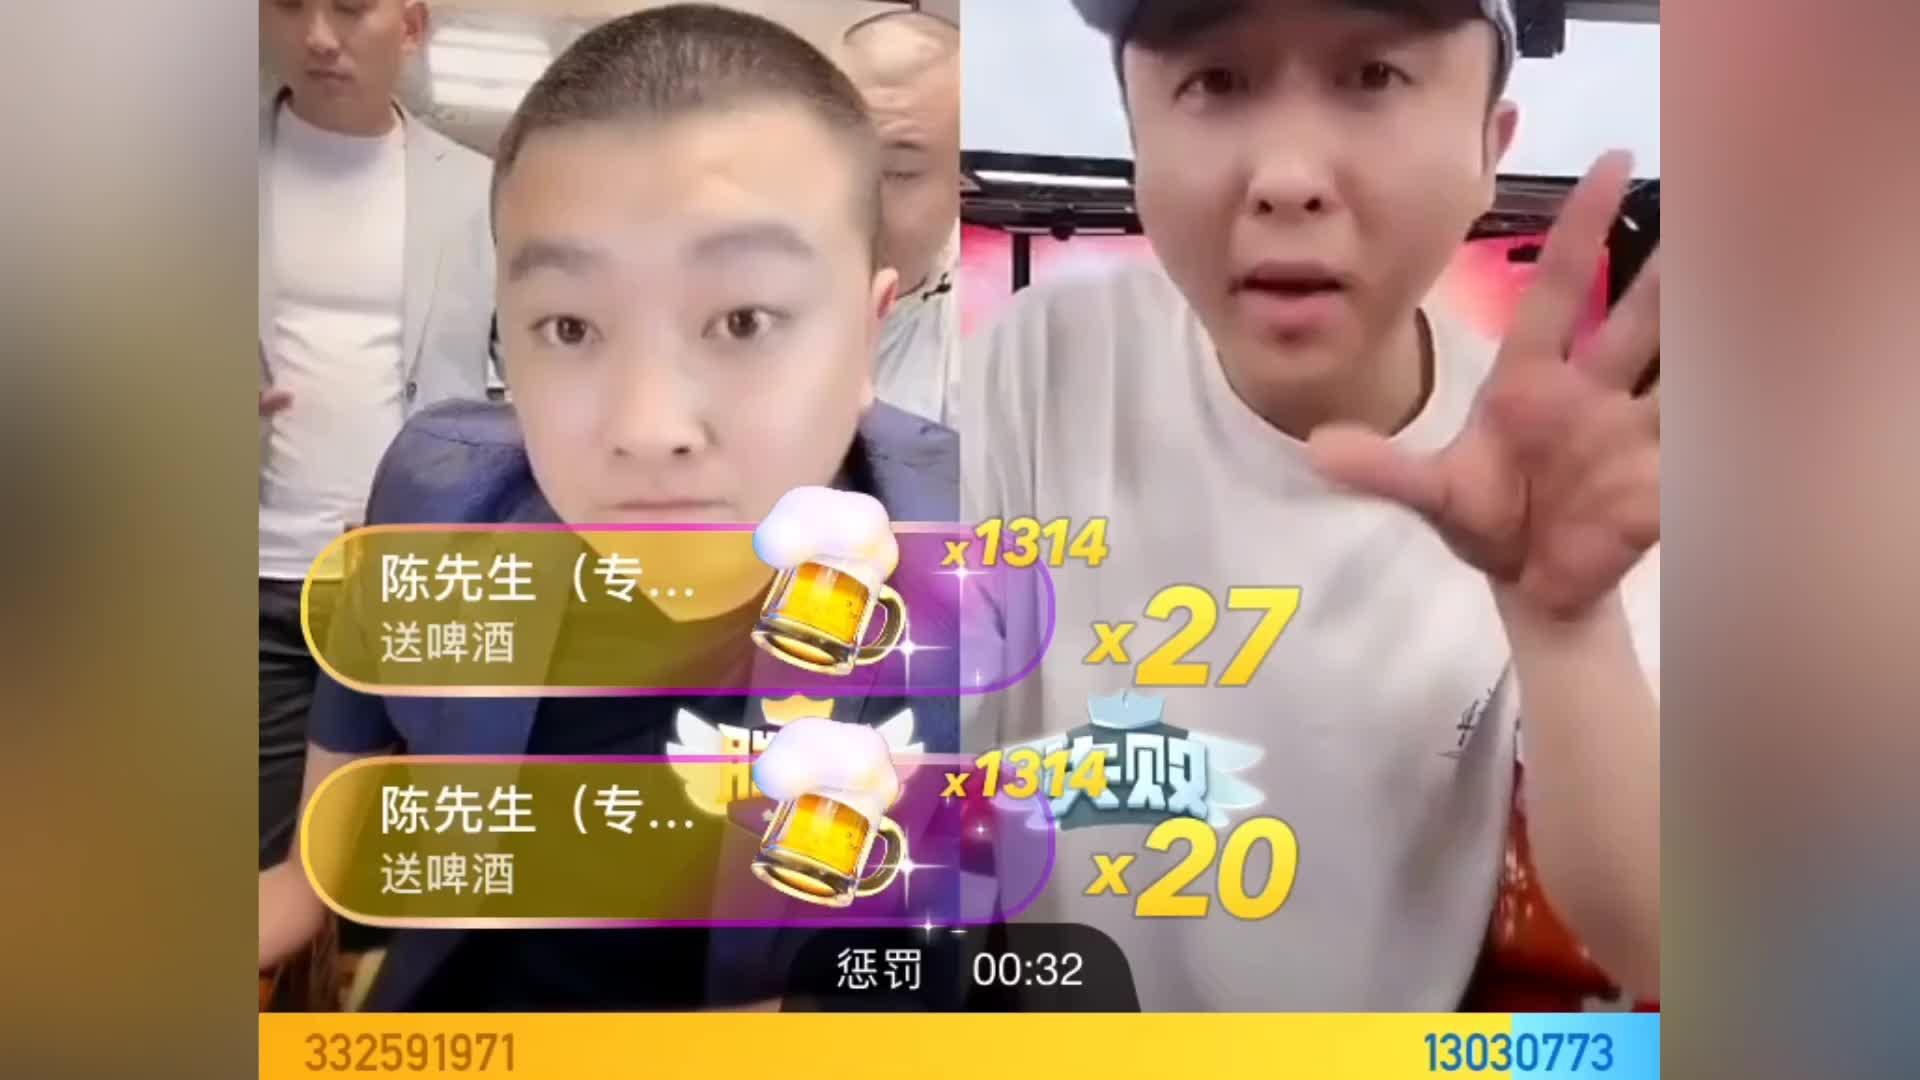 石家庄马洪涛pk散打哥刷出3亿礼物, 散打不服自娱自乐光会打嘴仗